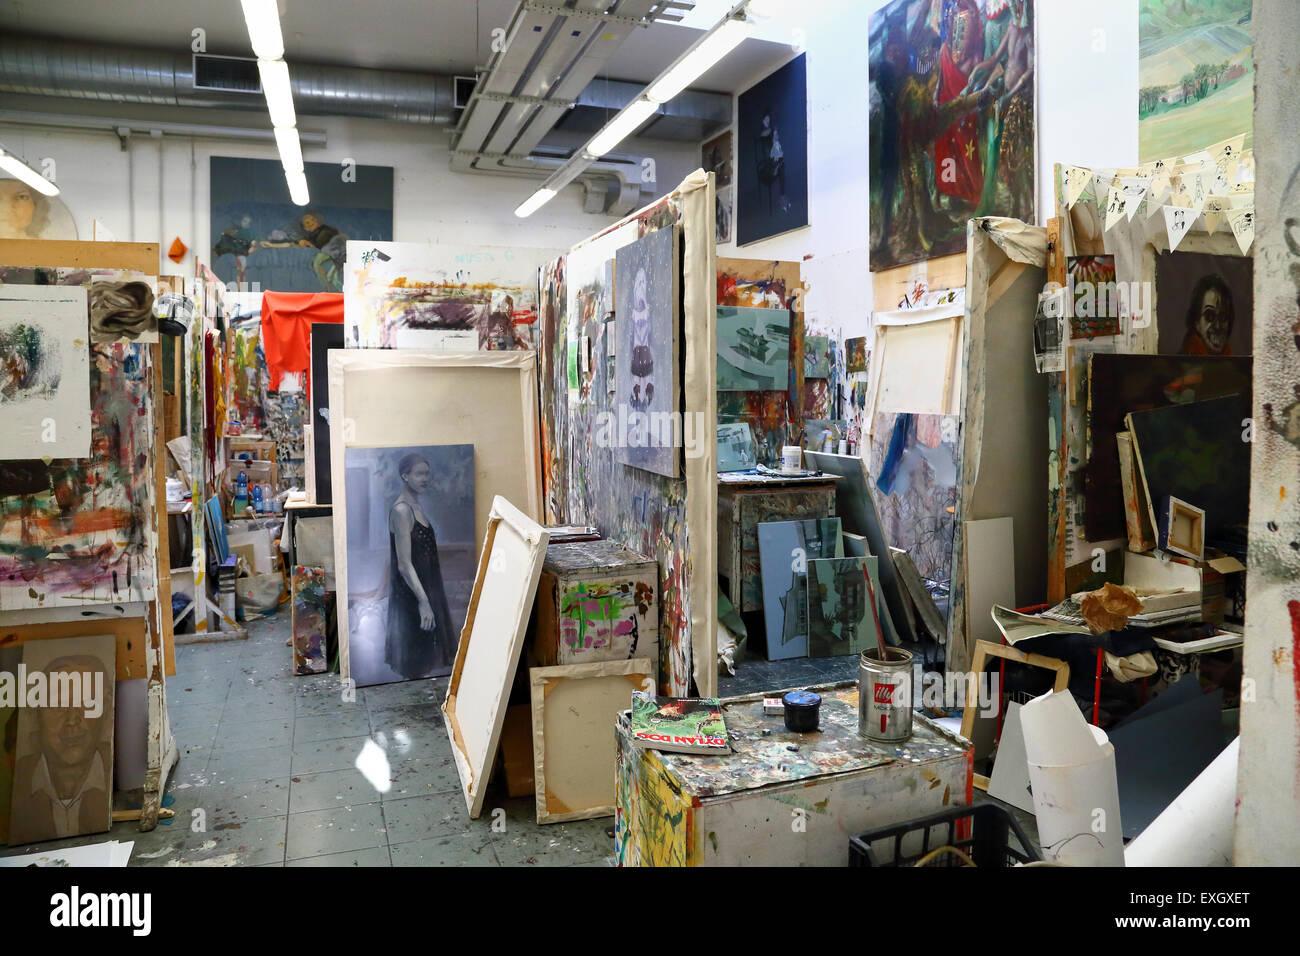 Arte notte Venezia, Accademia di Belle Arti di Venezia Immagini Stock